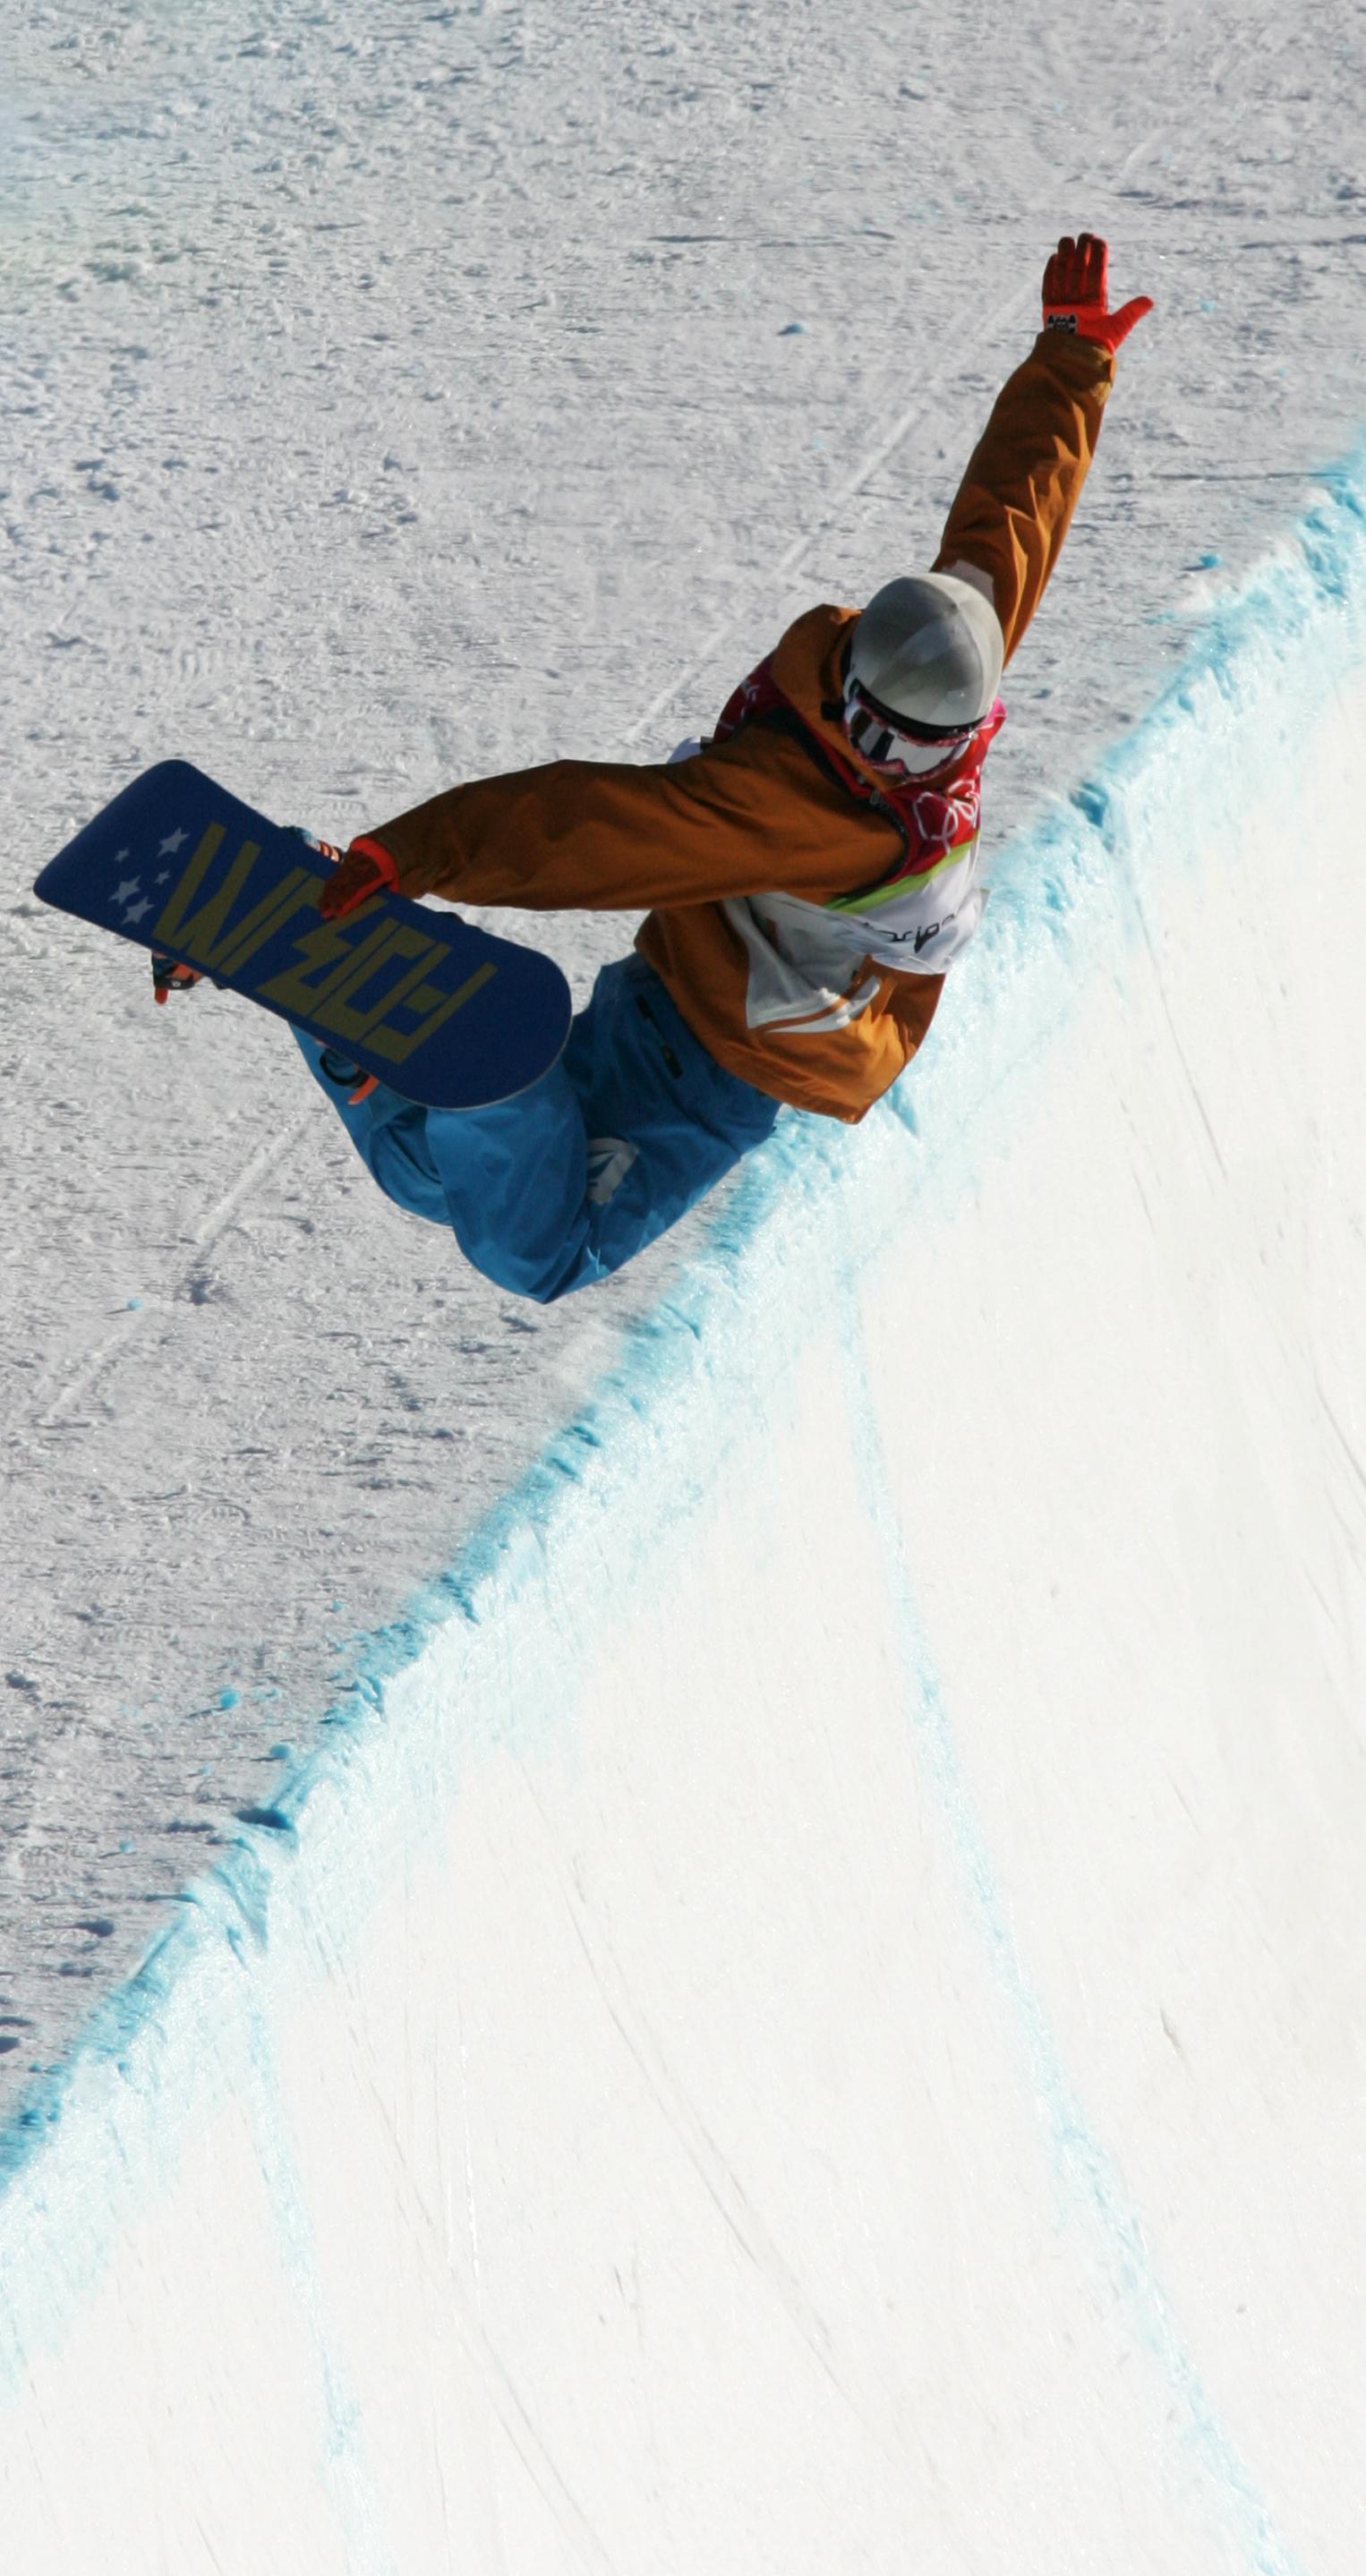 Noi gemelli diversi dello snowboard - Foto gemelli diversi ...